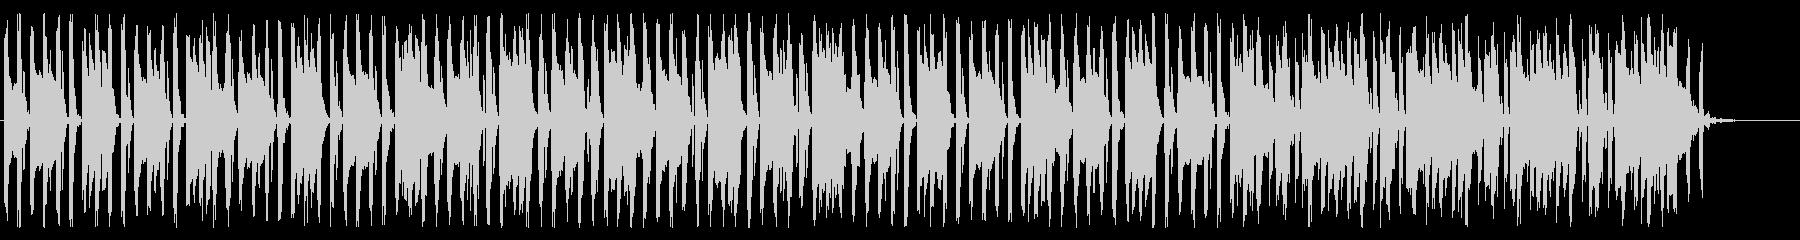 クラシック調の8bitチップチューンの未再生の波形